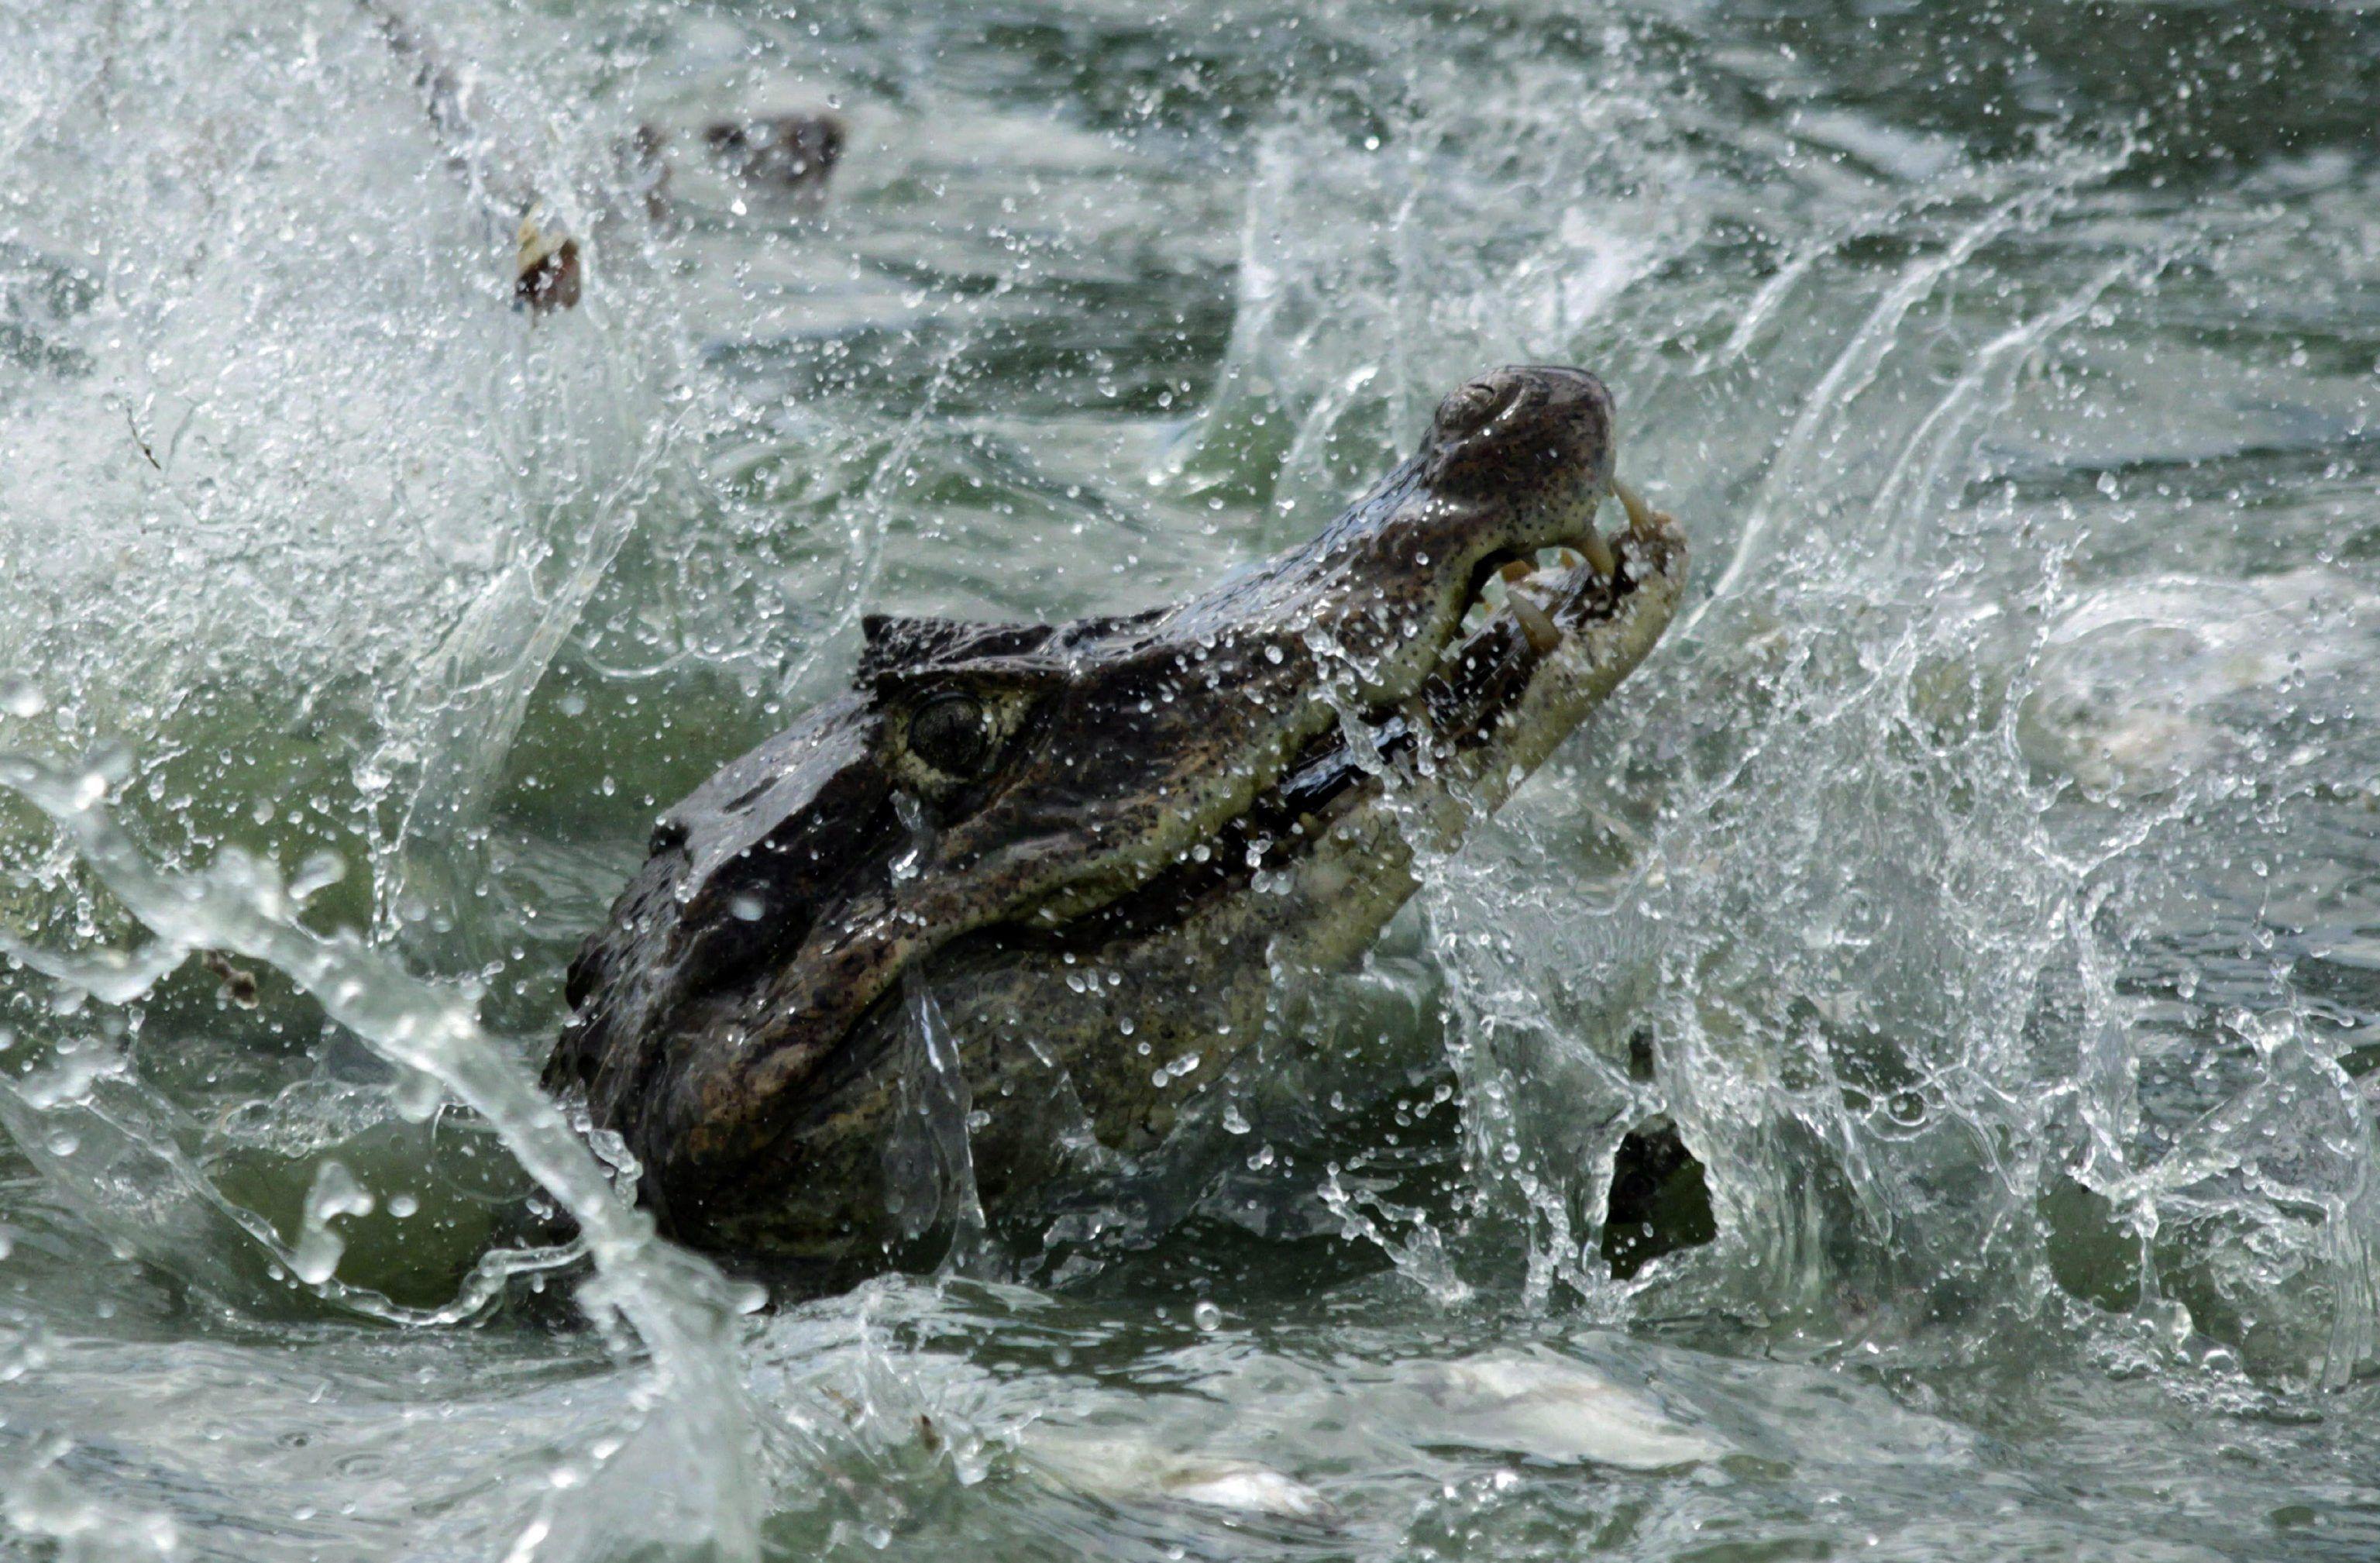 Vuole camminare sulle acque come Gesù, sacerdote mangiato dai coccodrilli